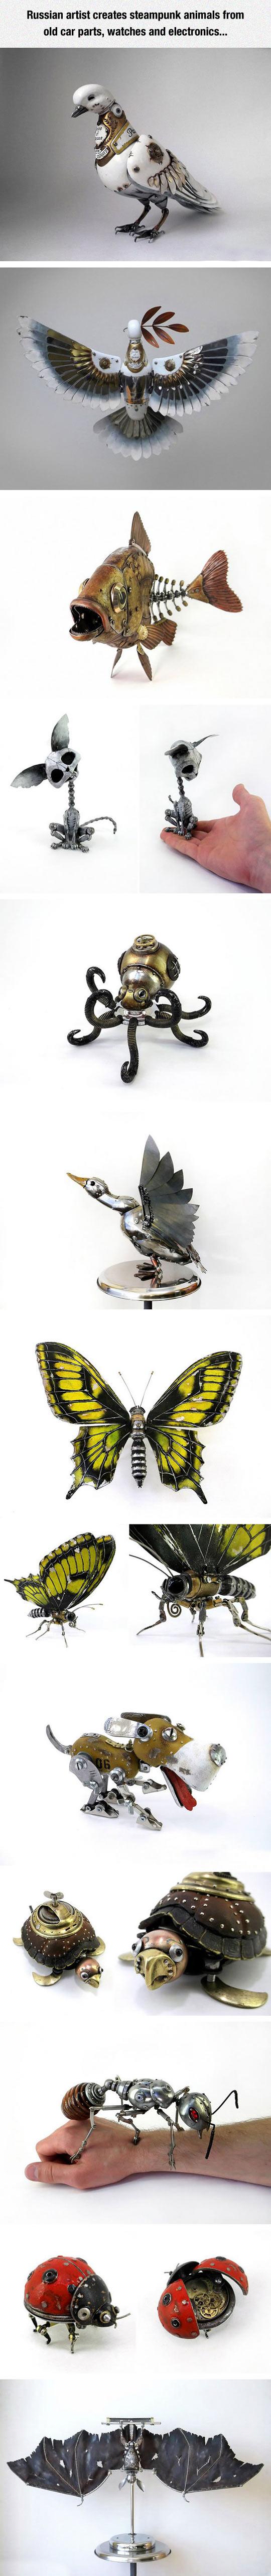 artist-steampunk-animals-dove-cat